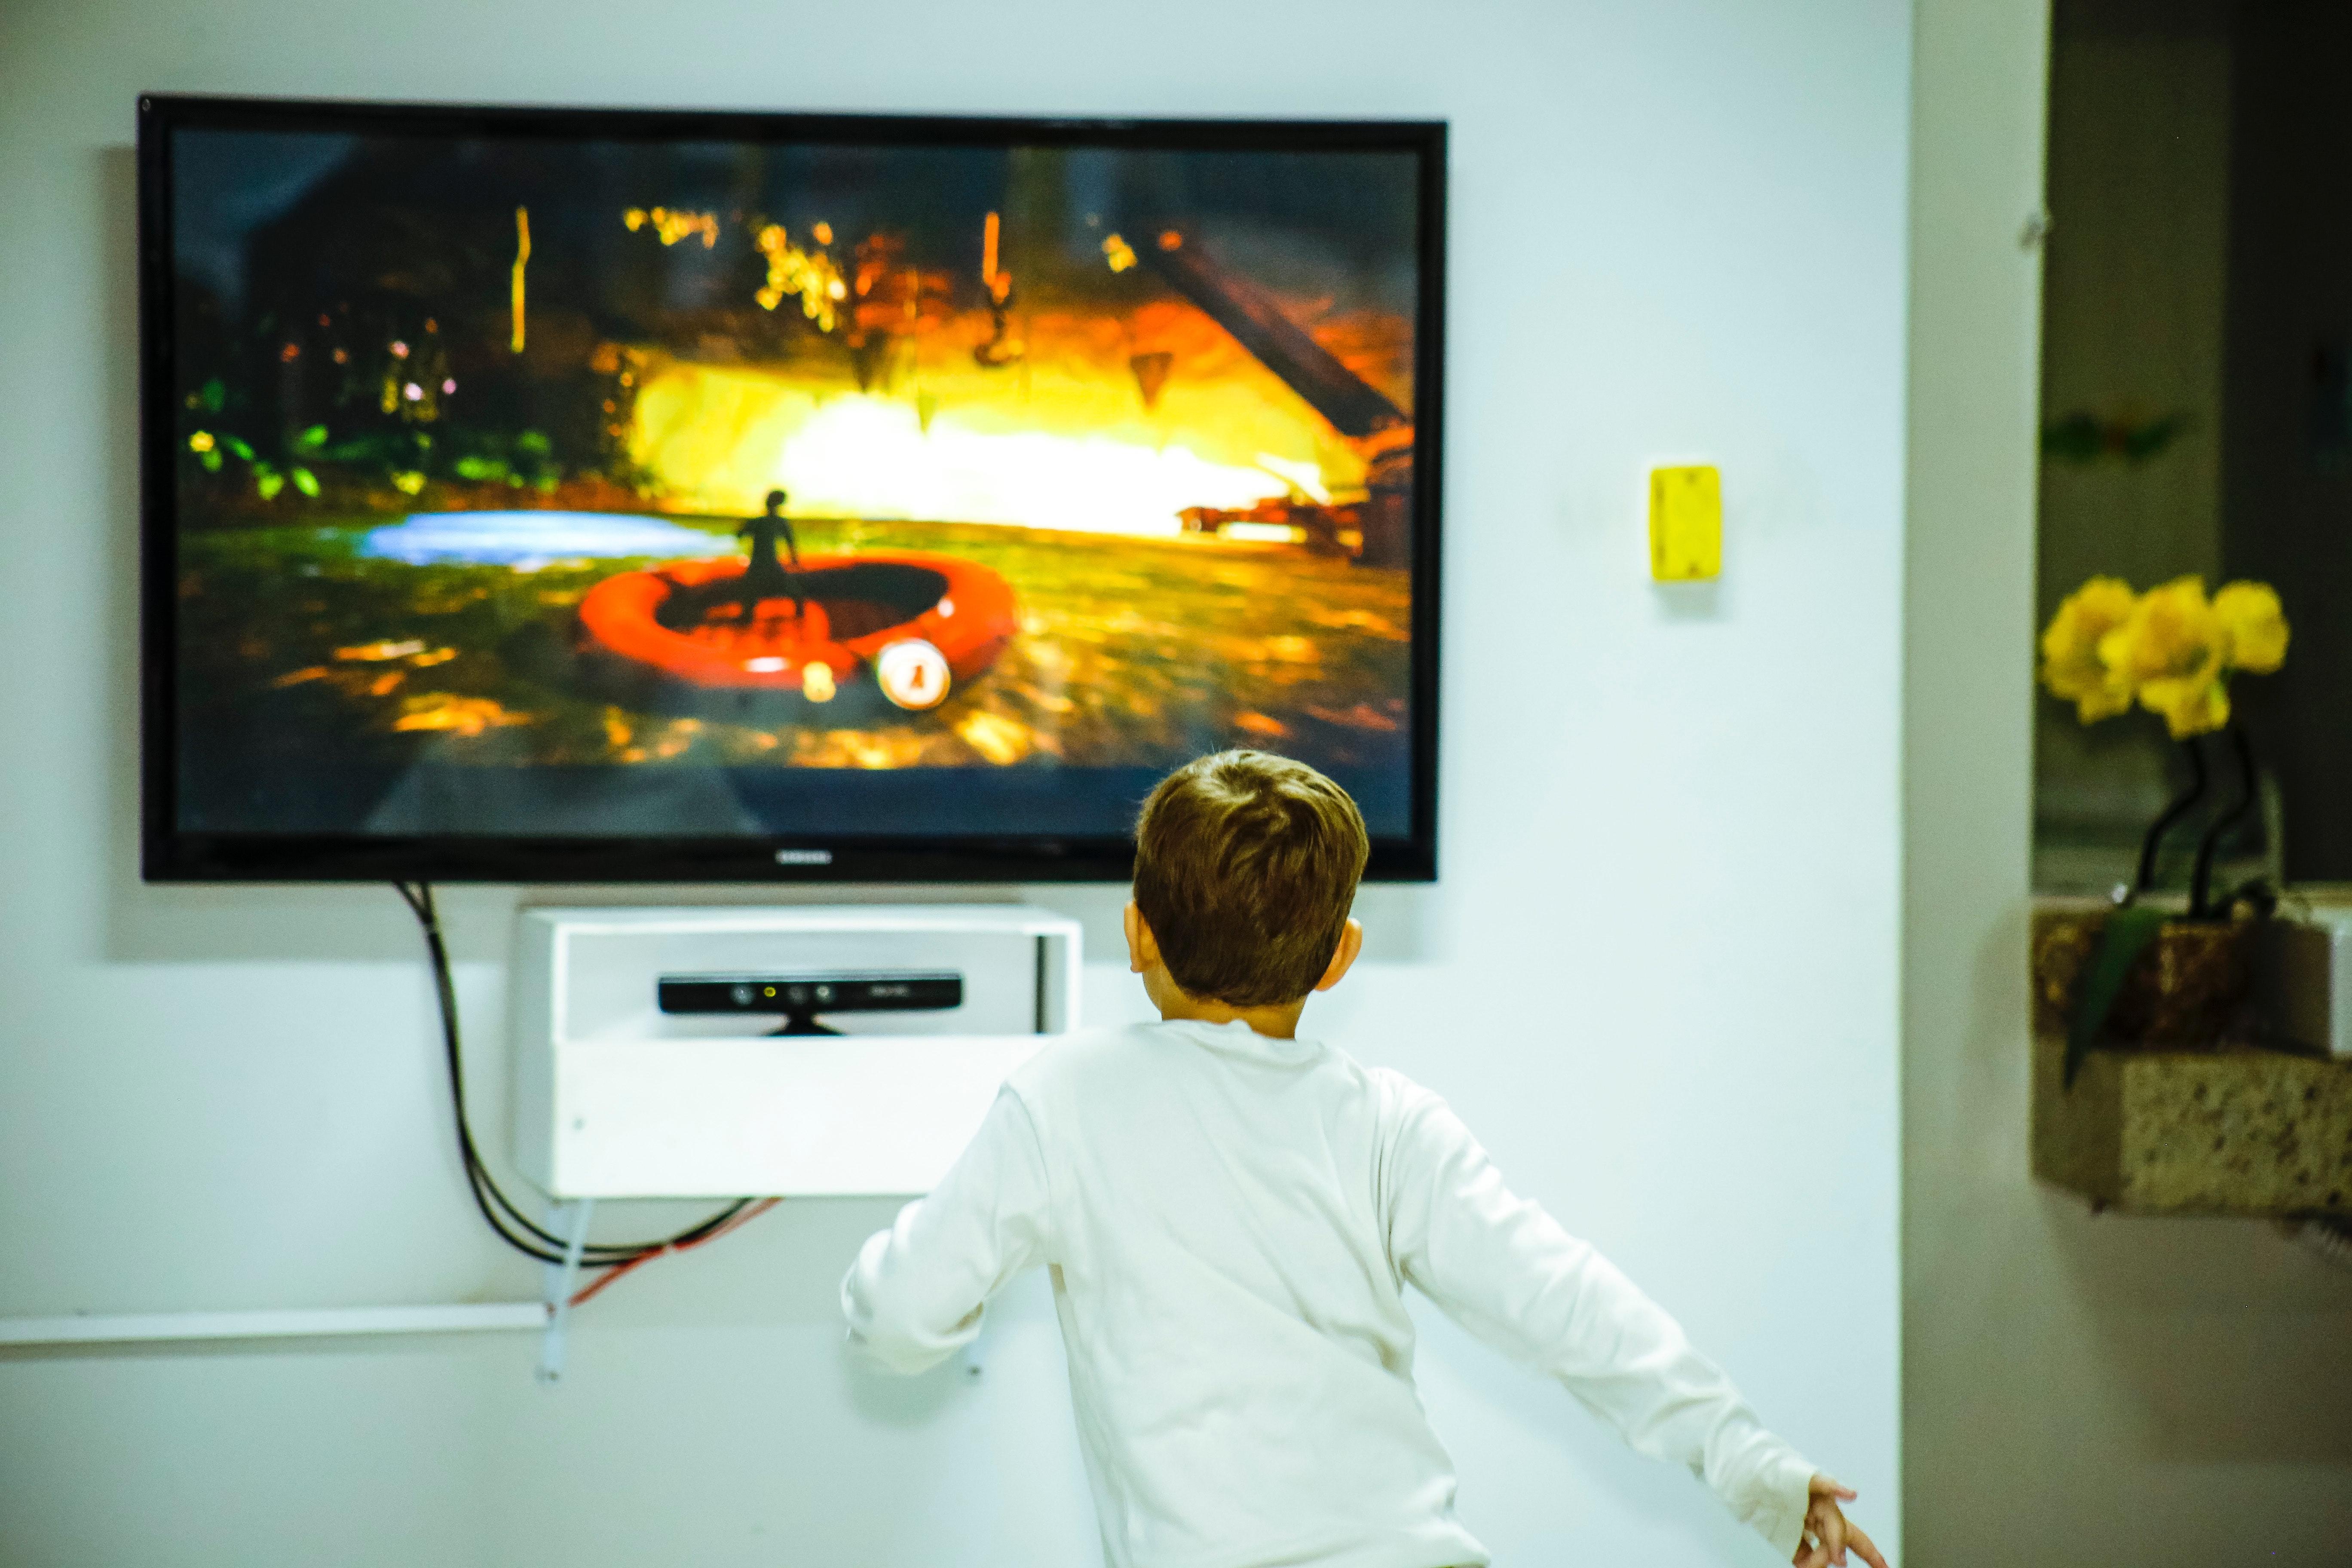 Beste Smart TV 2021: van budget tot premium TV die je kan kopen!